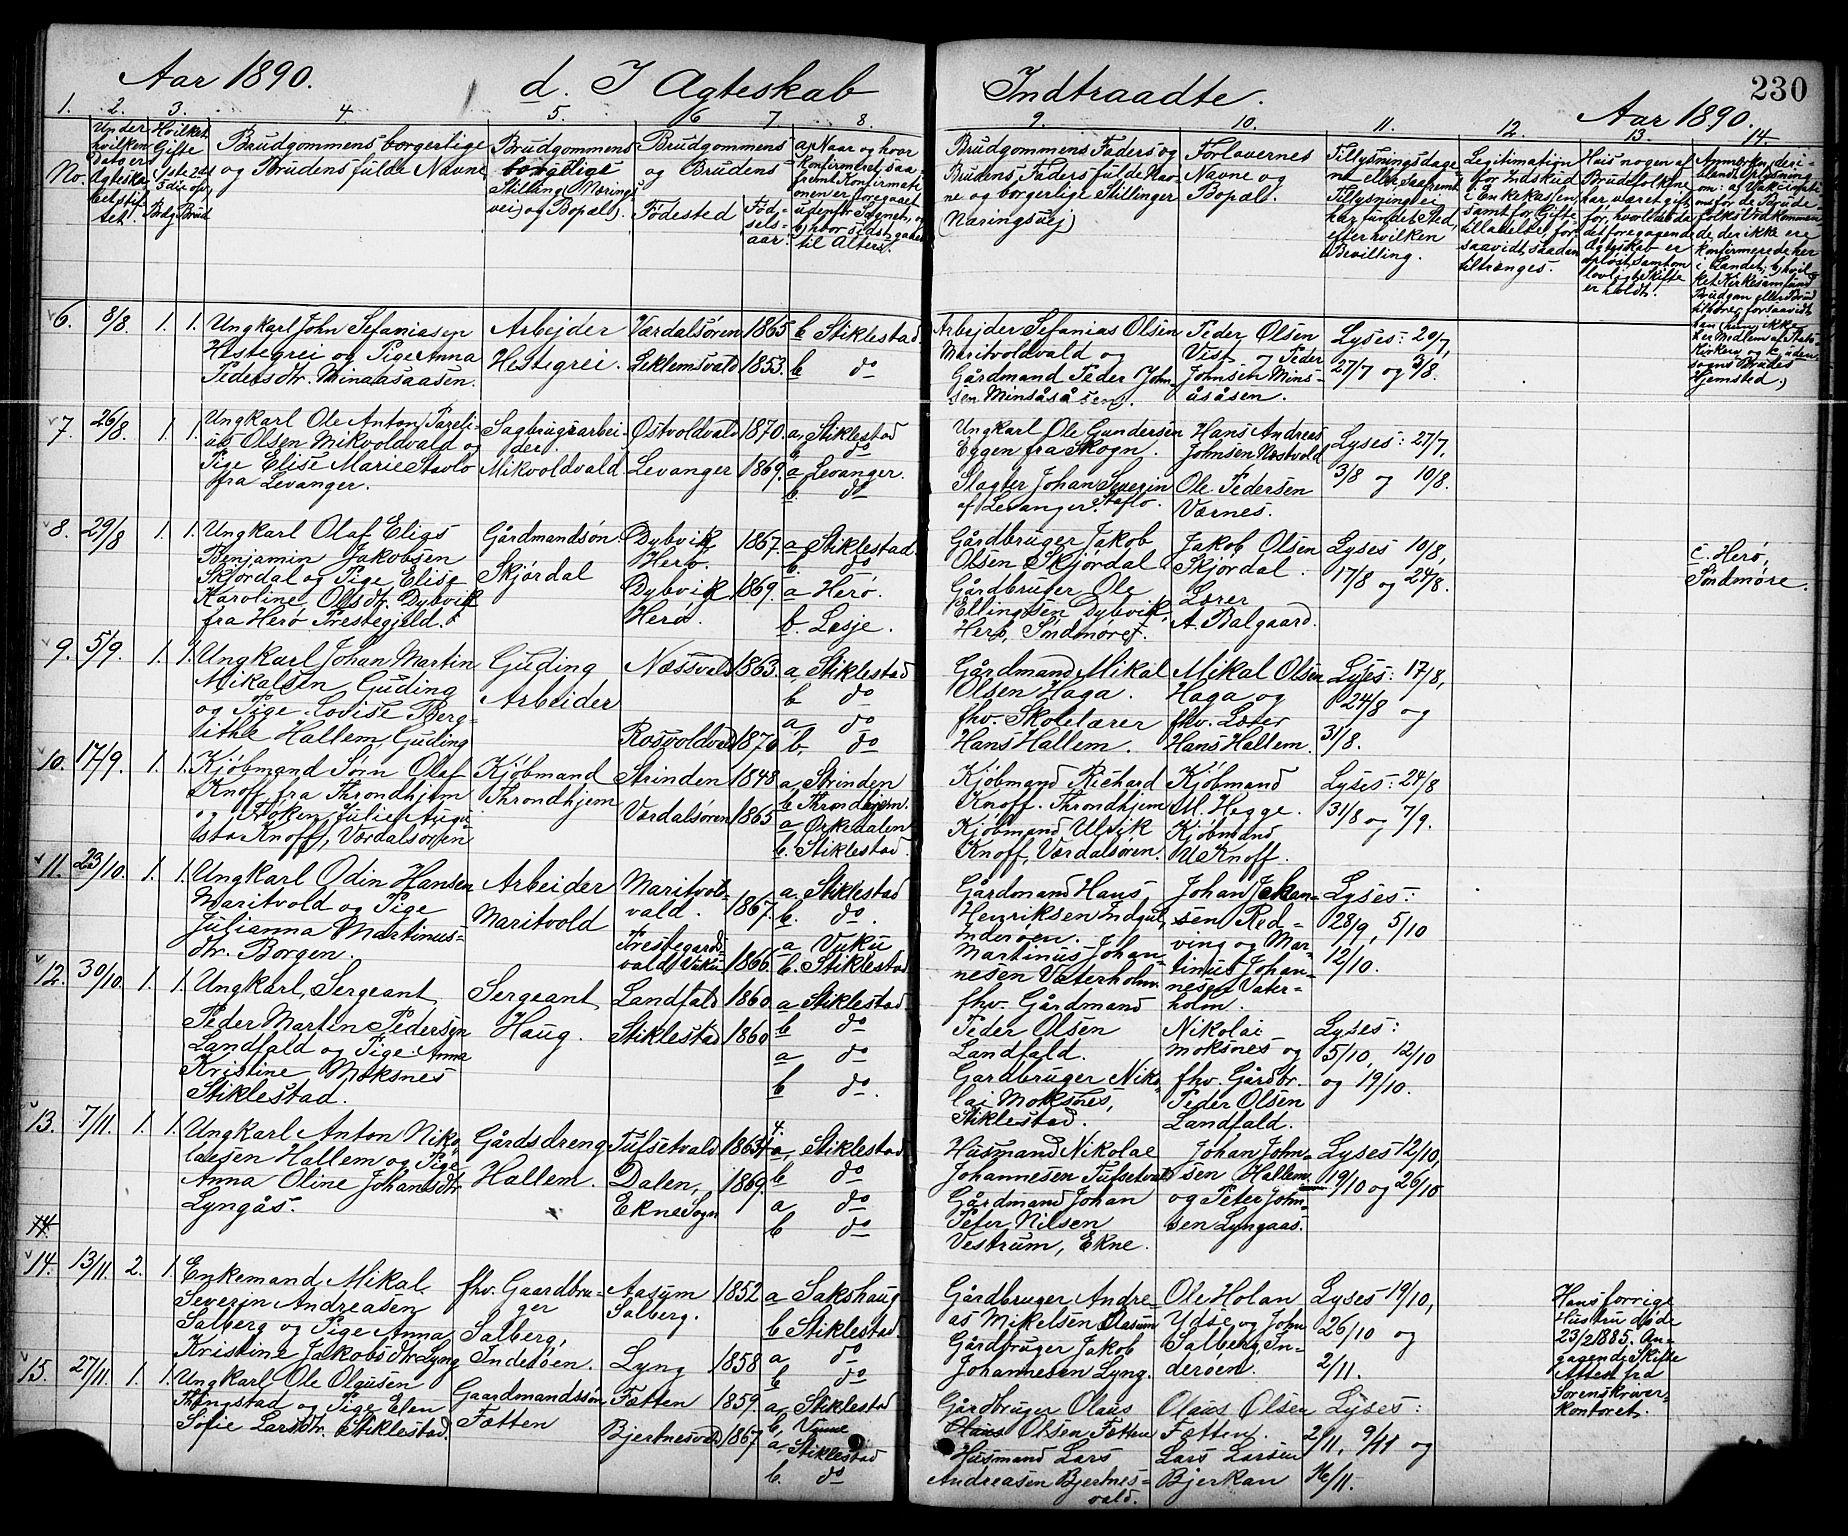 SAT, Ministerialprotokoller, klokkerbøker og fødselsregistre - Nord-Trøndelag, 723/L0257: Klokkerbok nr. 723C05, 1890-1907, s. 230